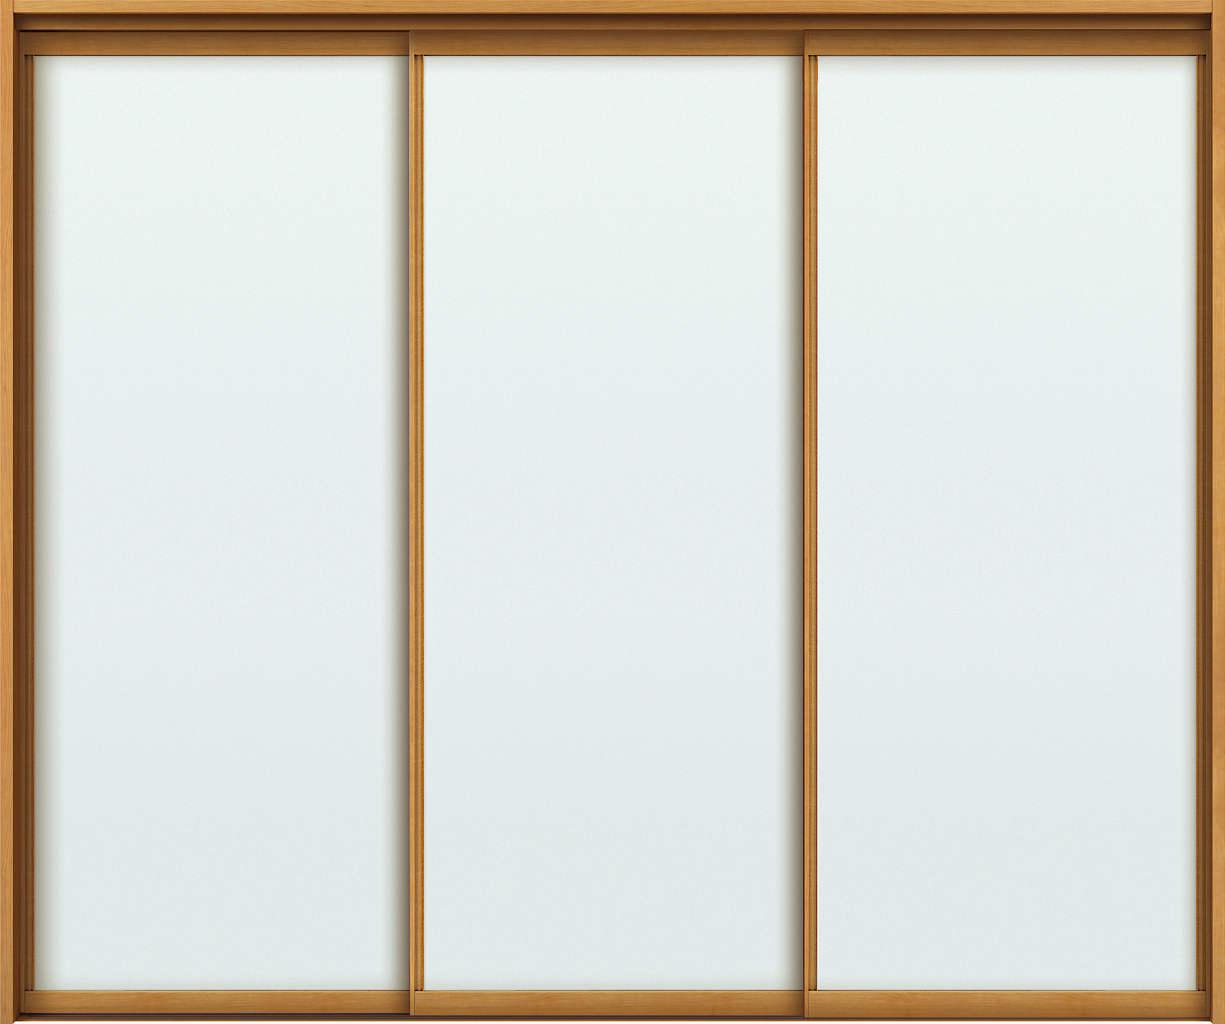 YKKAPアルミインテリア スクリーンパーティション[室内引戸] 引違い戸3枚建(木質枠) MAタイプ ノンケーシング枠:[幅1750~3291mm×高1658~2458mm]【YKK】【YKKパーティション】【YKKパーテーション】【パーテーション】【アルミパーティション】【アルミ引き戸】【室内